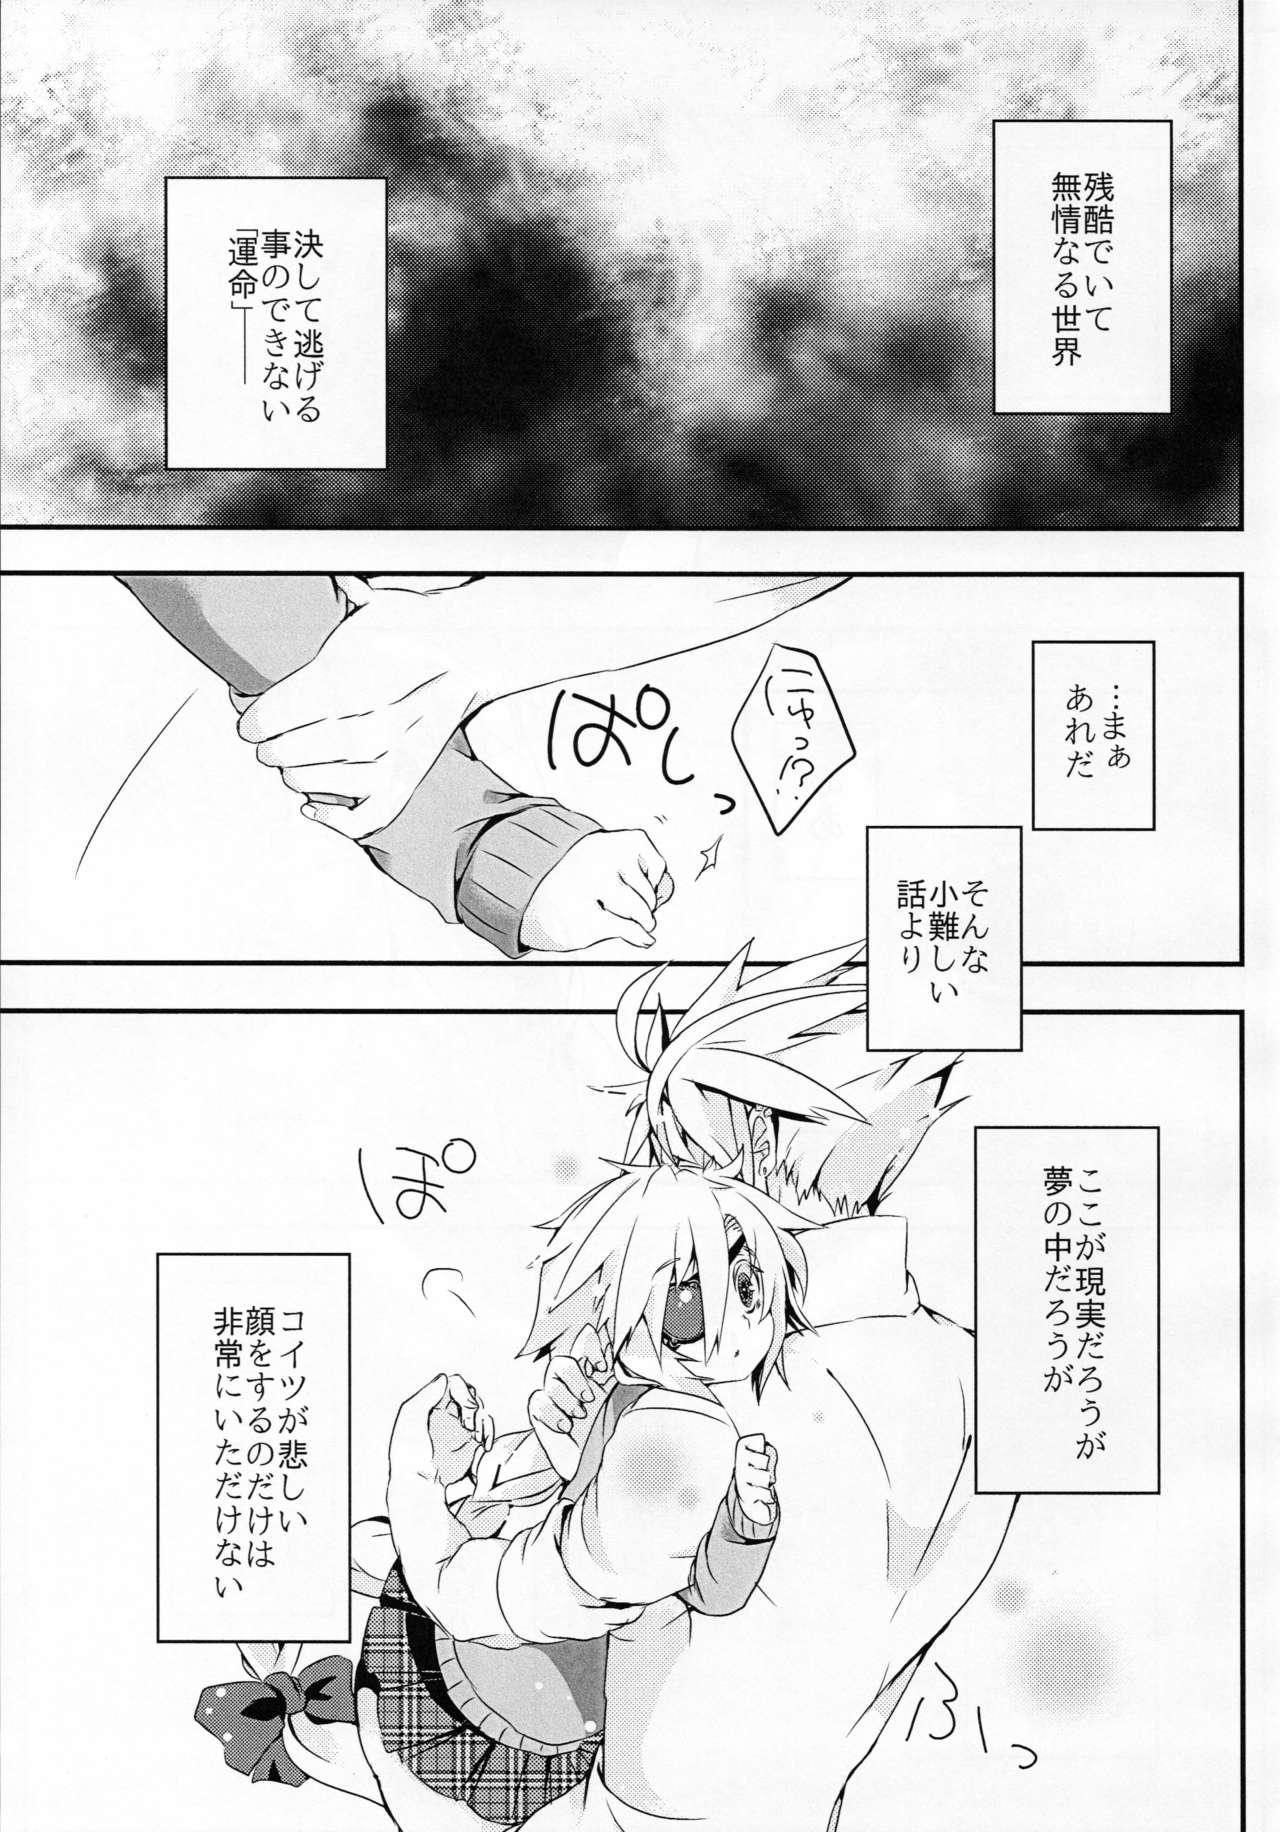 Ningyou no Miru Yume wa 11